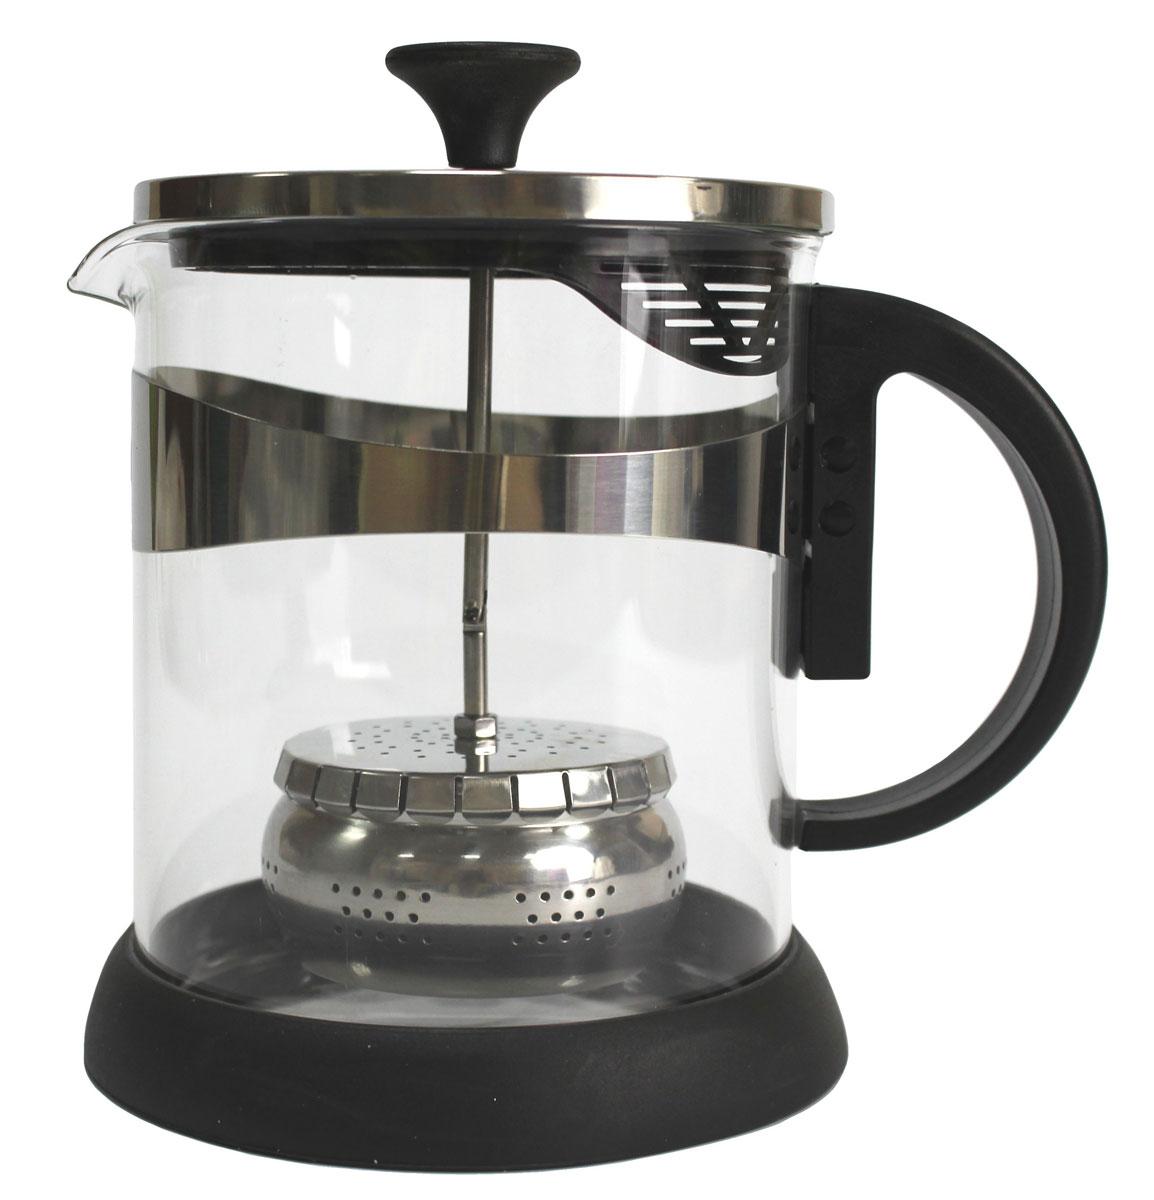 Чайник заварочный Vetta, 1,2 л vetta чайник стальной 2 5л зеркальный rwk038 2 5l m к12 847 046